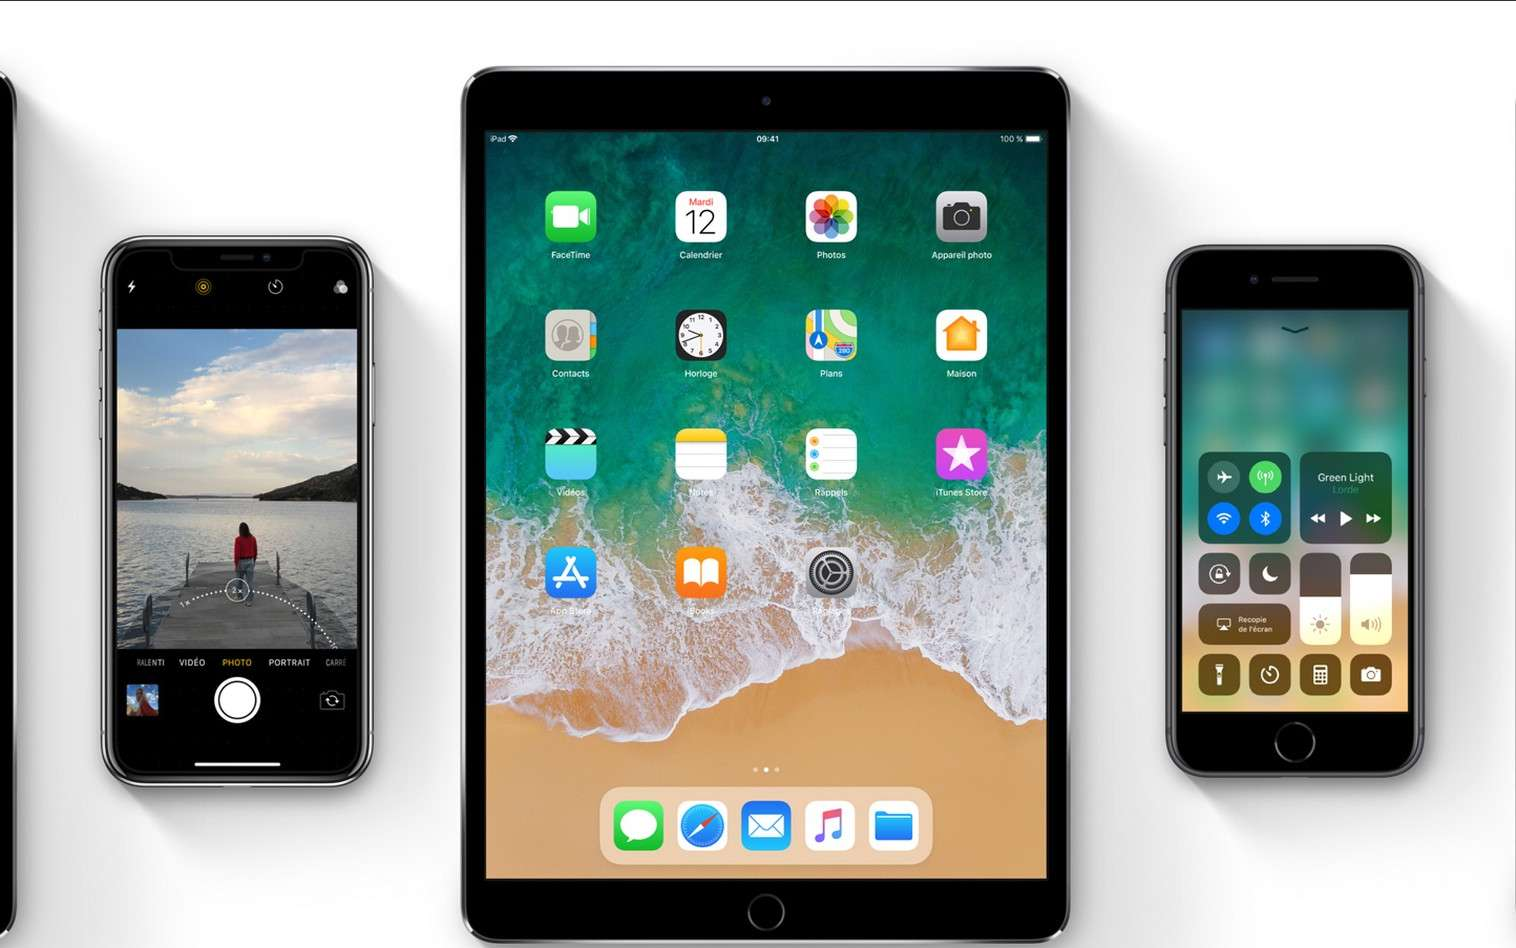 Avec iOS 11, Apple propose une mise à jour approfondie qui vient étoffer les fonctionnalités de l'iPhone et de l'iPad. © Apple